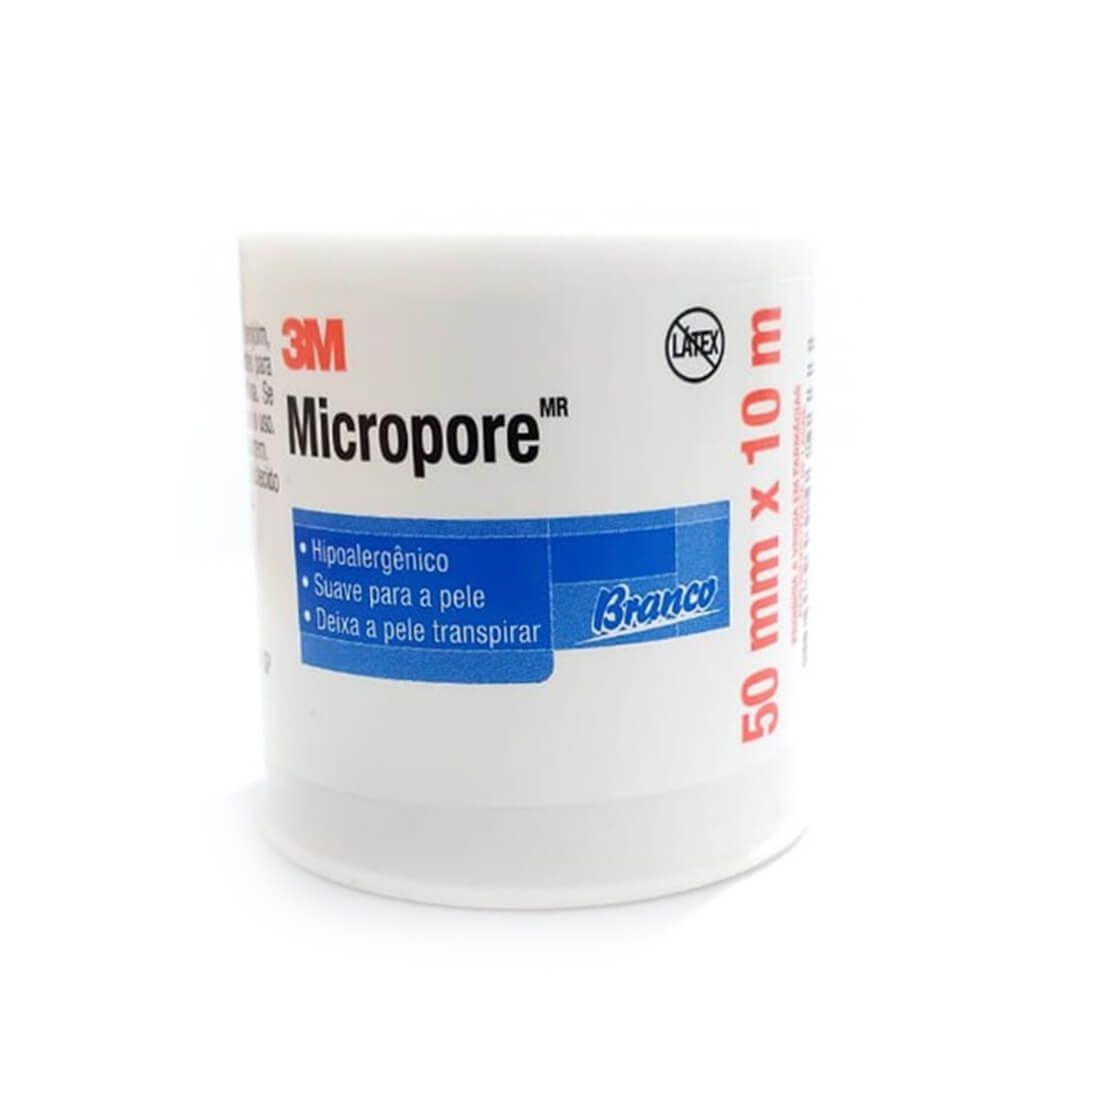 Fita Adesiva Micropore 3M 50mmX10m Branco